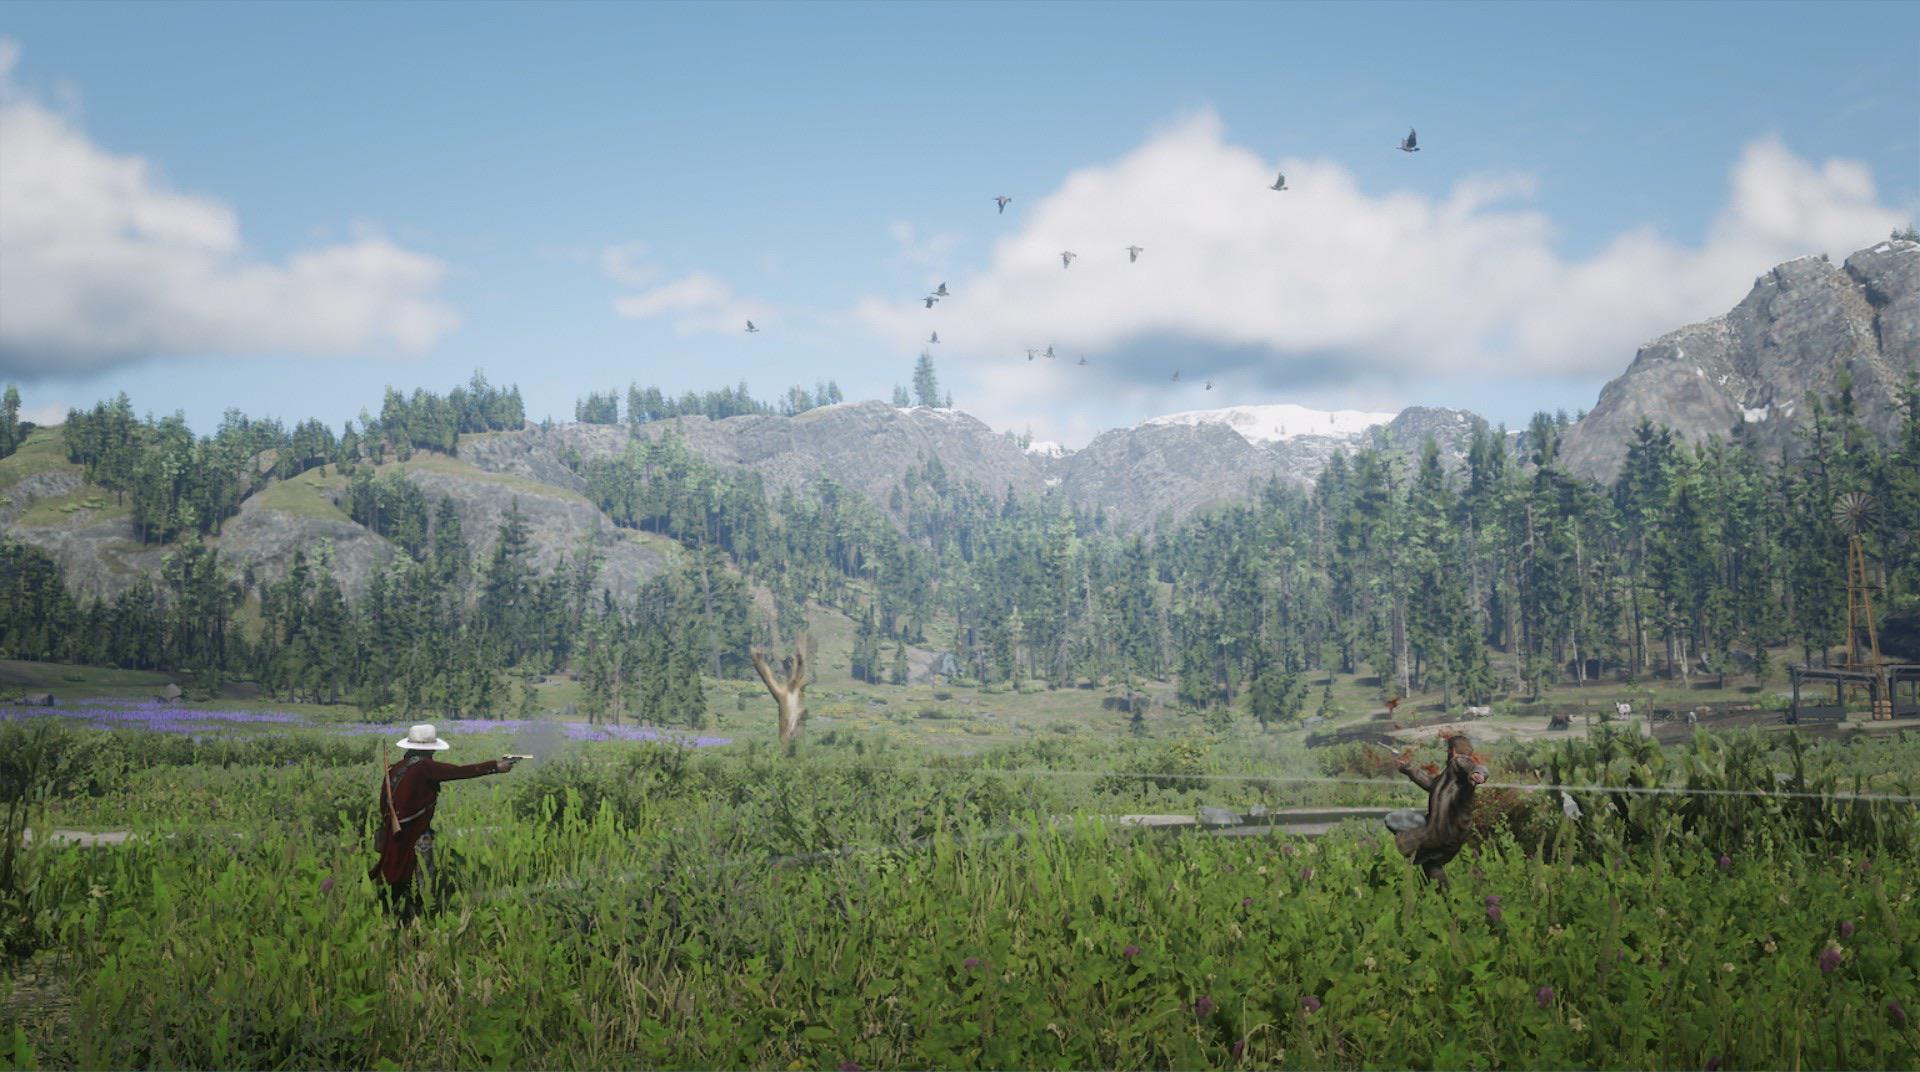 Игрок Red Dead Redemption 2 создал фотоальбом с убийствами шерифов в красивых локациях